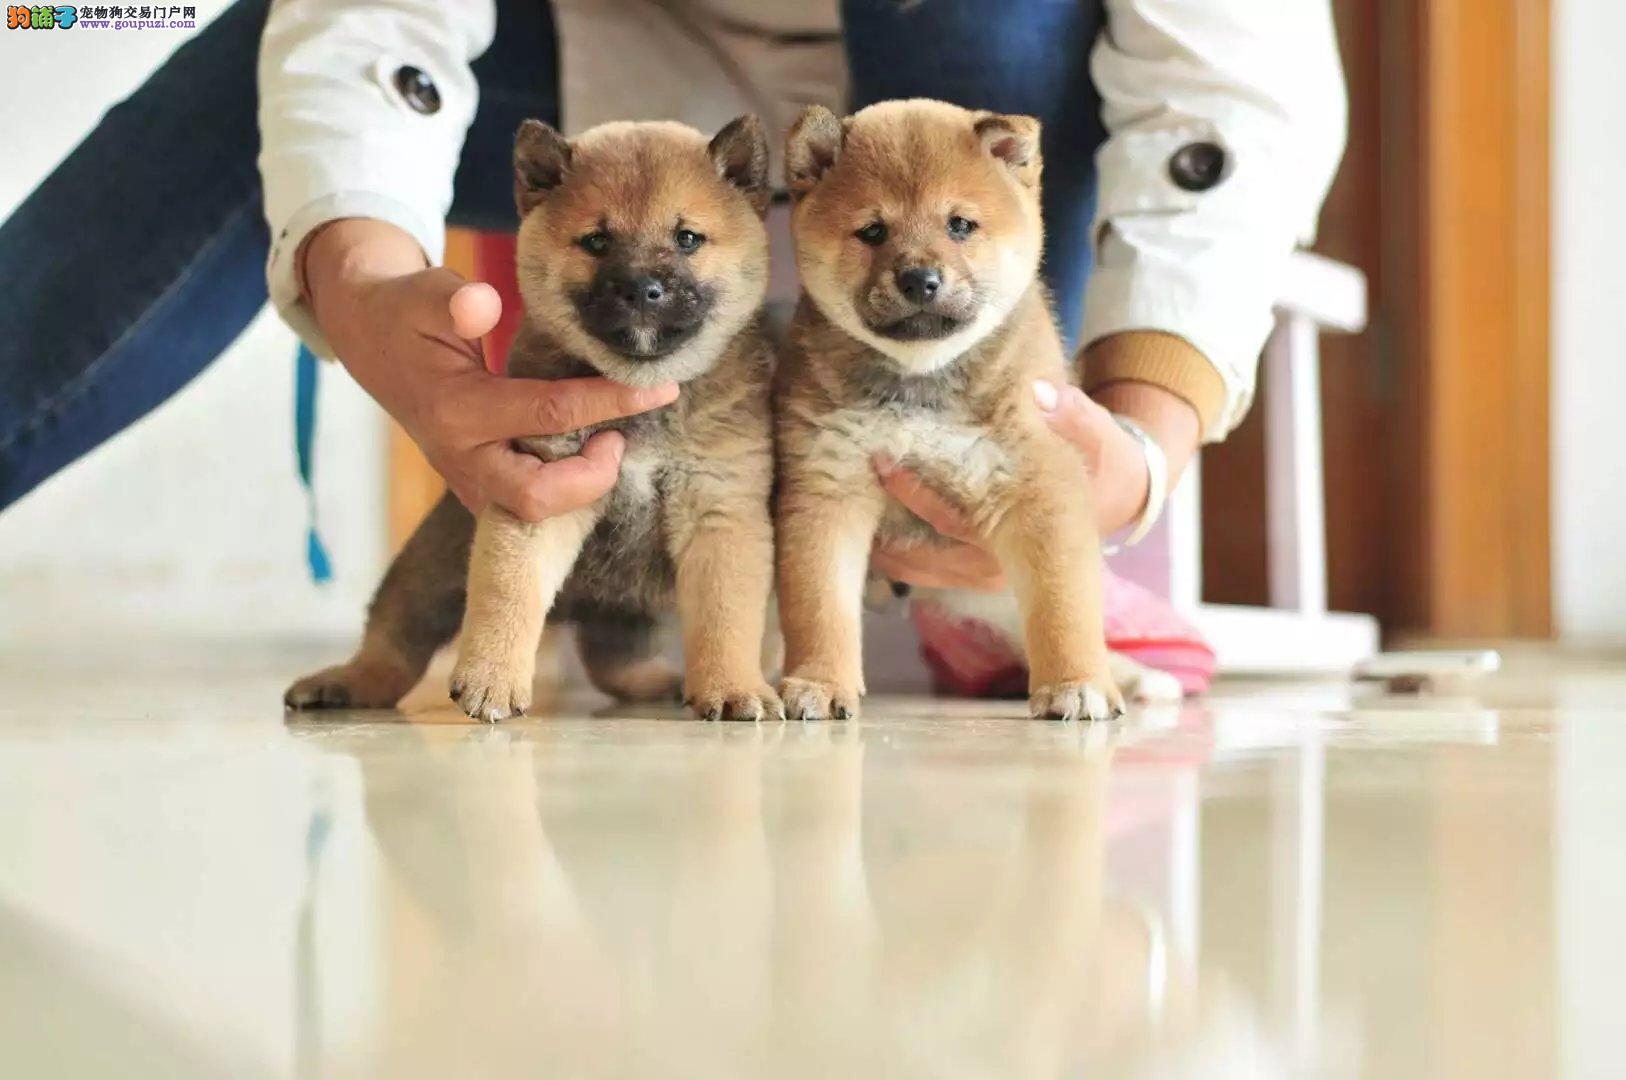 柴犬 正宗日系柴犬 赤色 铁包金均有